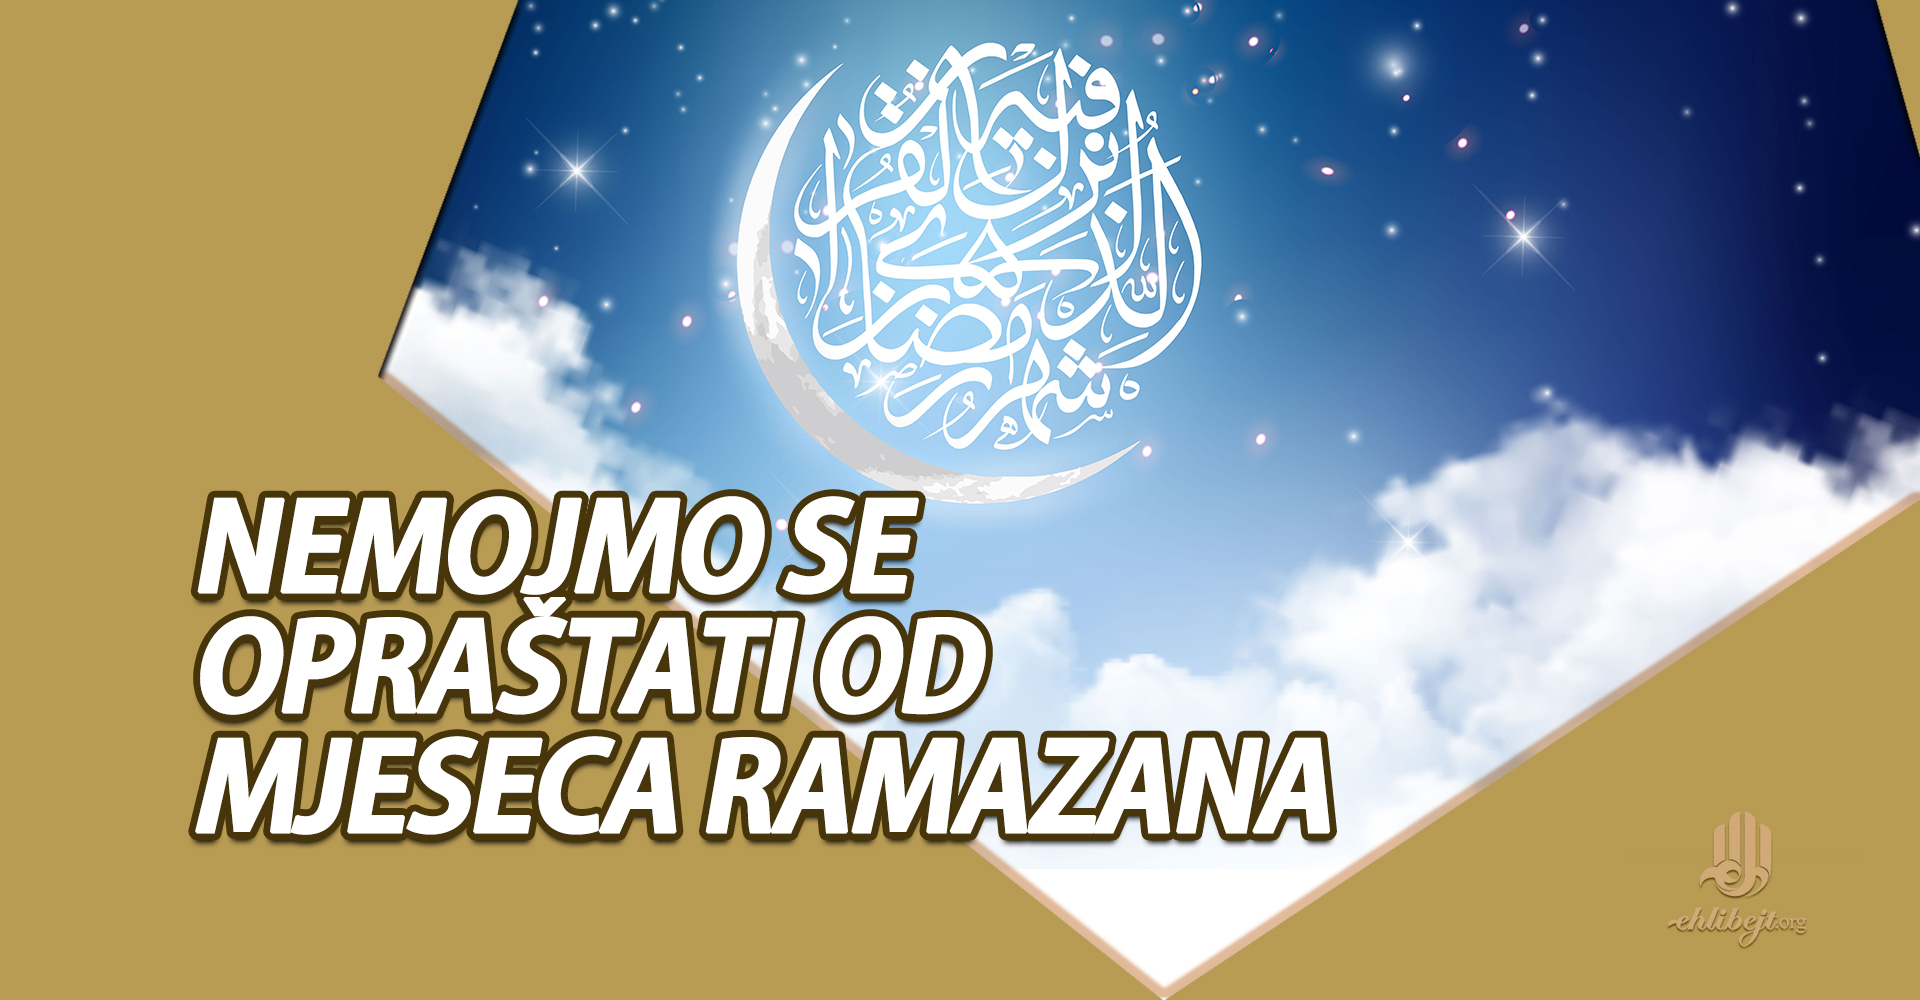 Nemojmo se opraštati od mjeseca ramazana